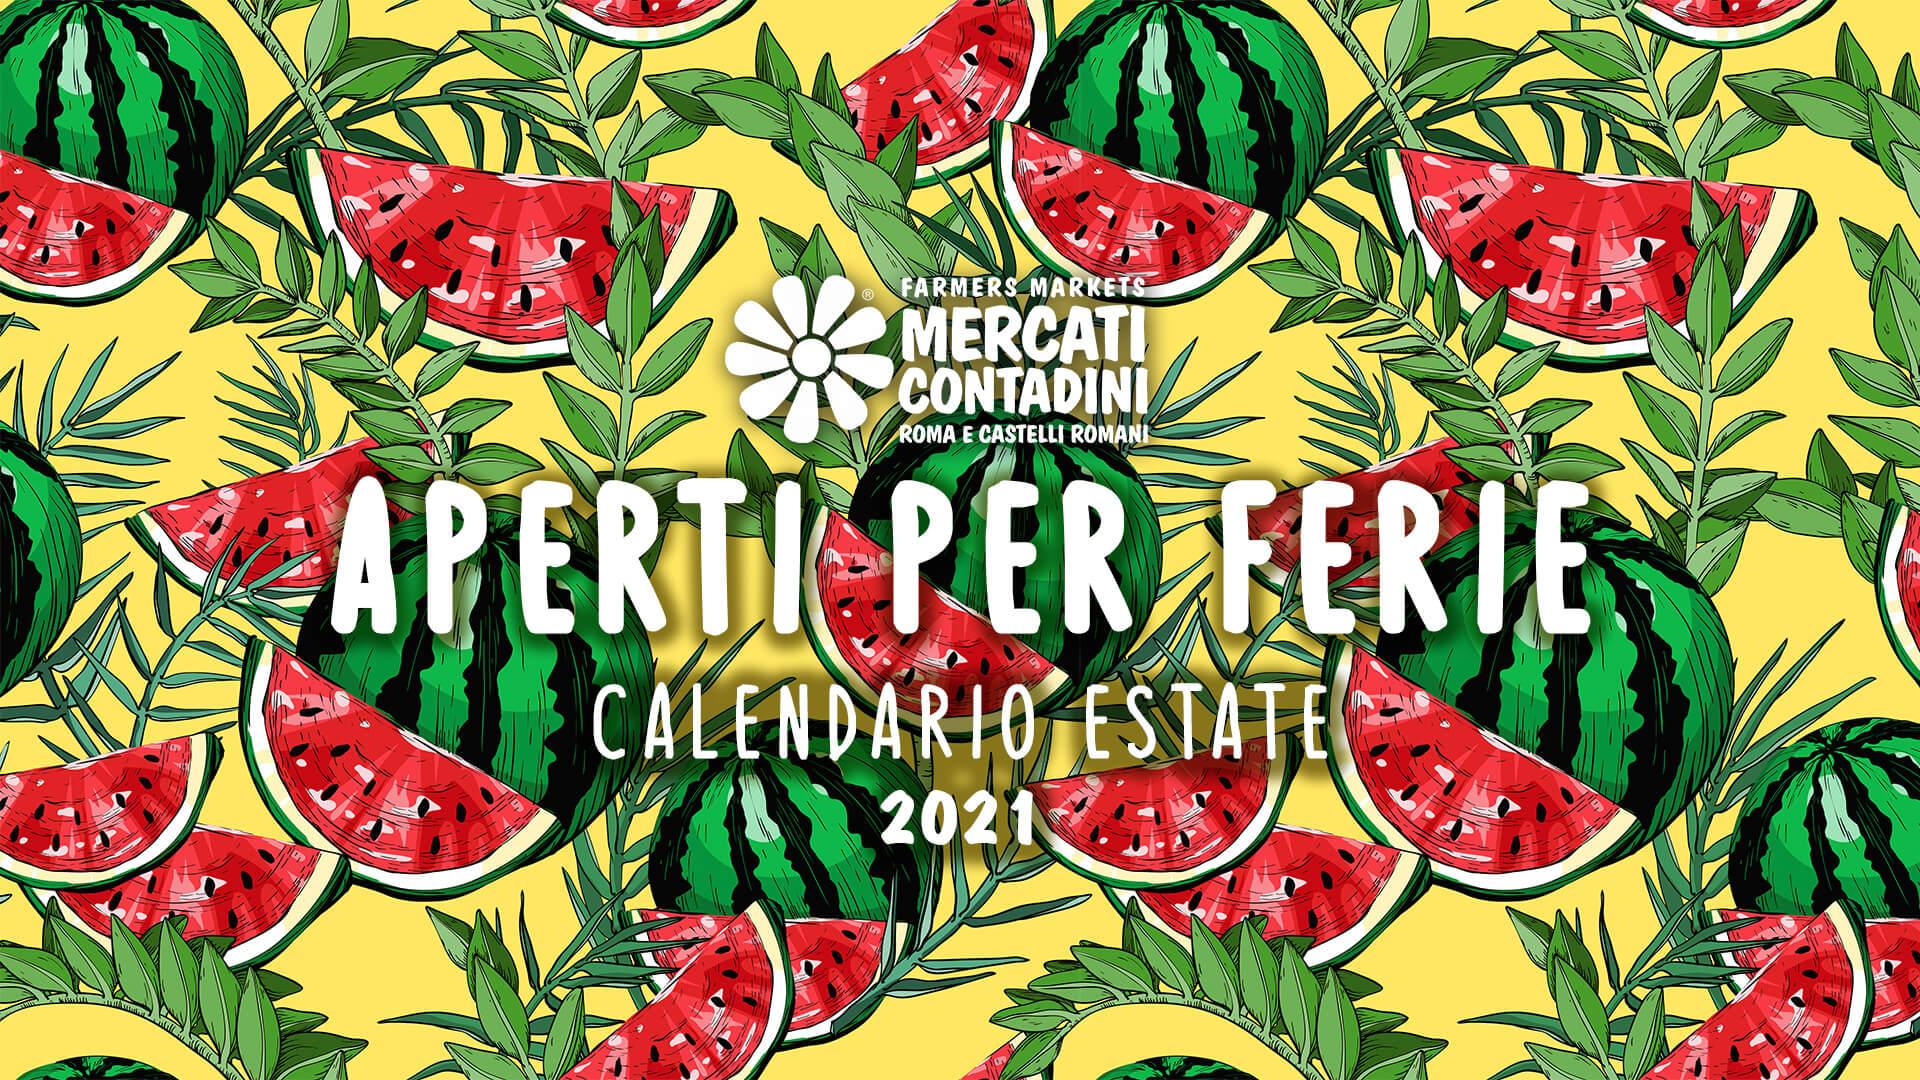 calendario estate 2021 mercato contadino